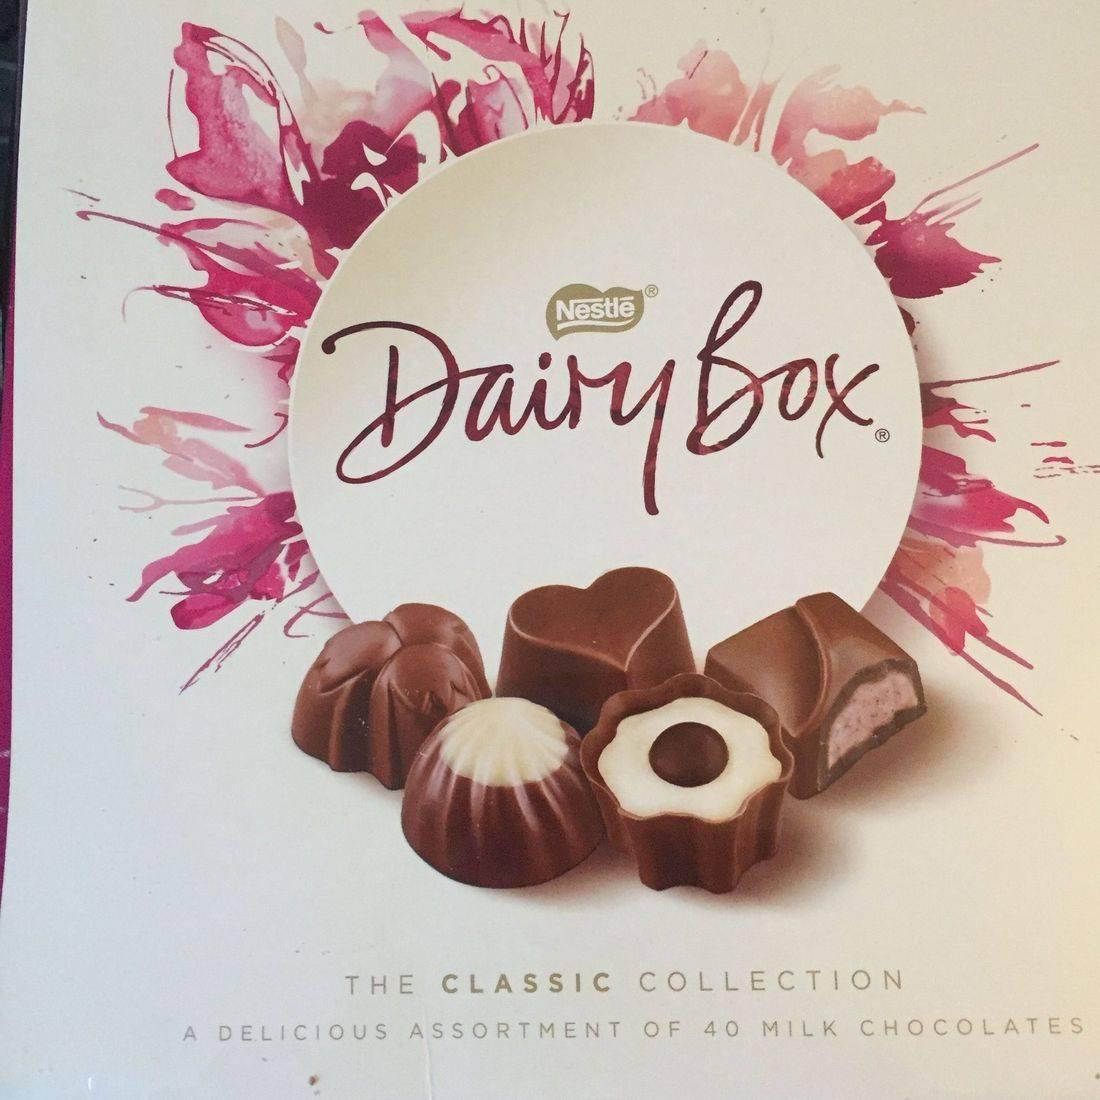 365g box of Dairy Box Chocolates